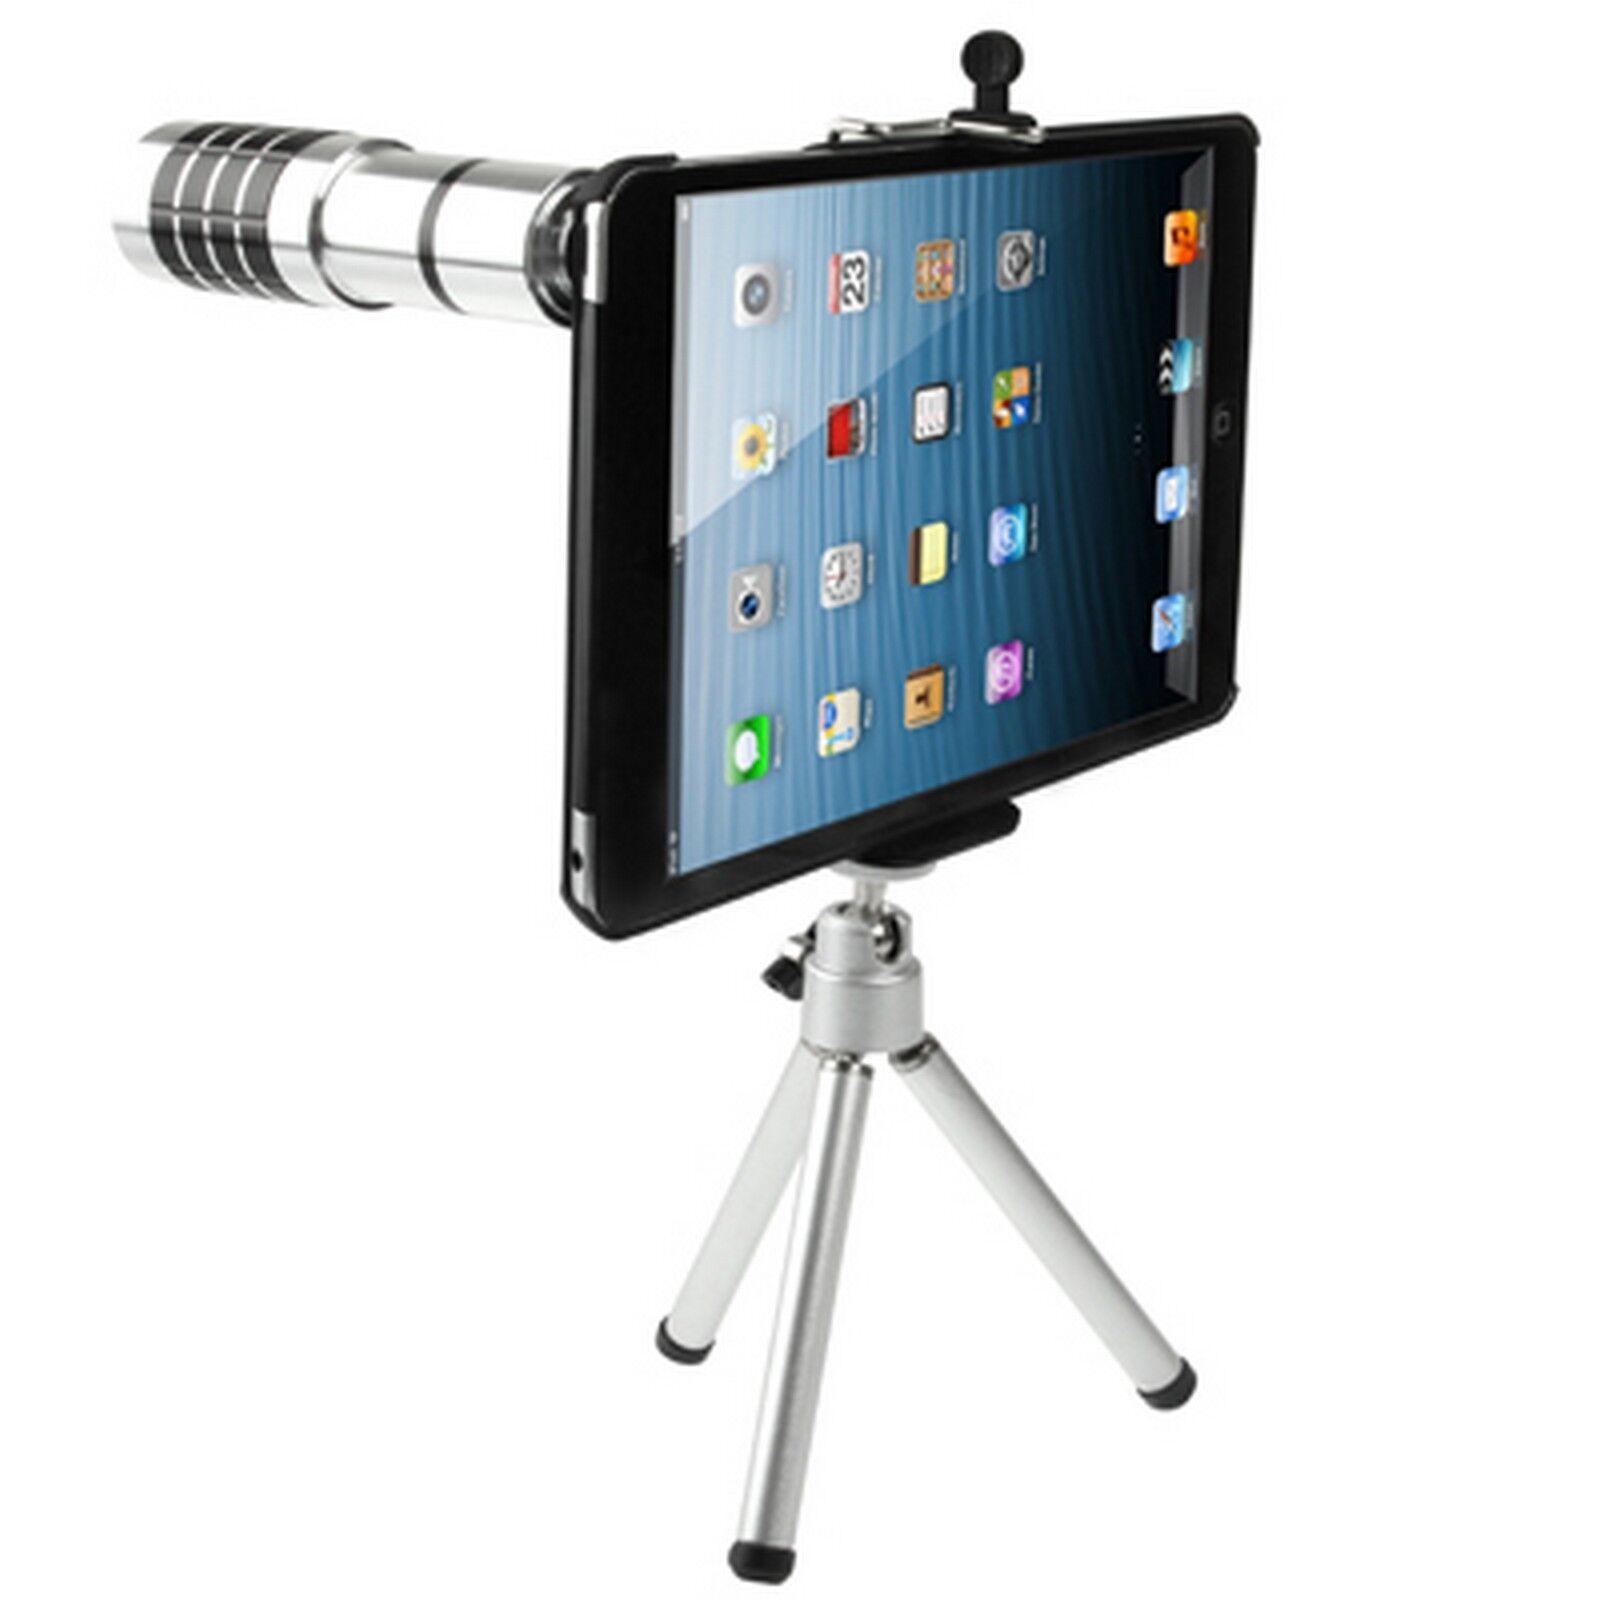 digital bay custodia cover telescopio 12x zoom ottico lente per ipad mini 2 / 3 / retina